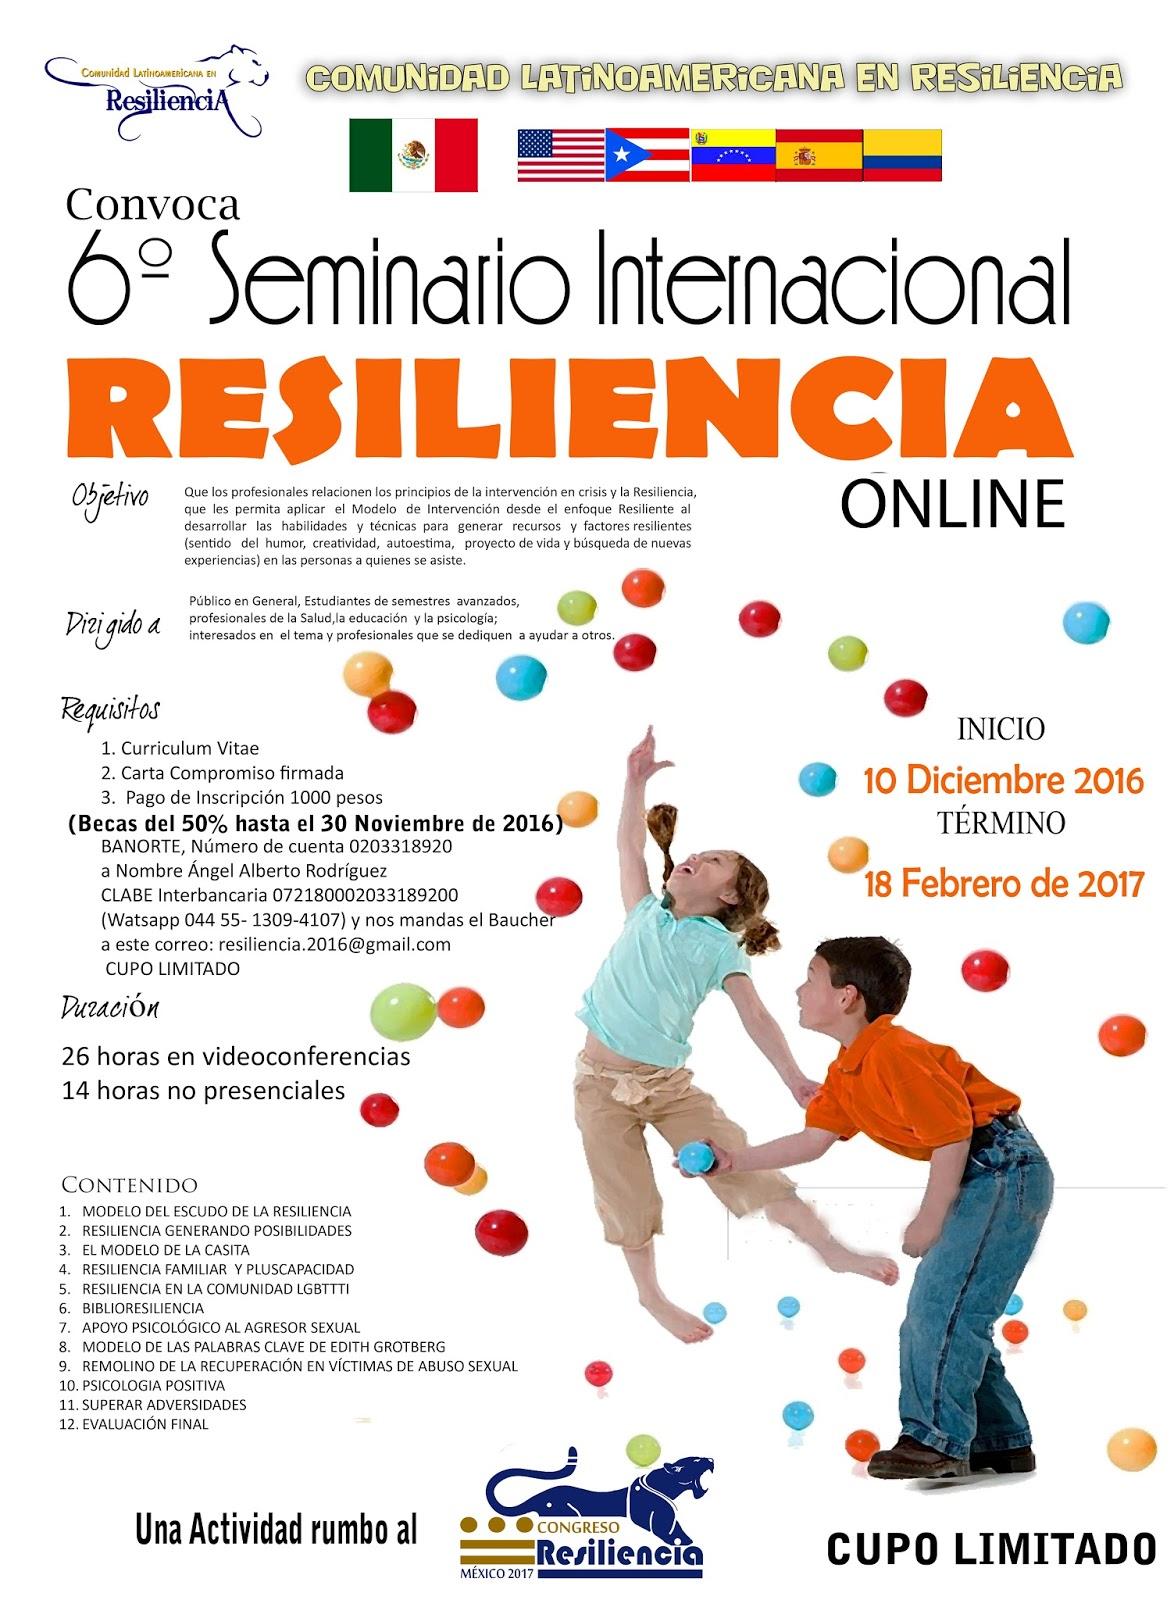 Comunidad Latinoamericana en Resiliencia: 2016